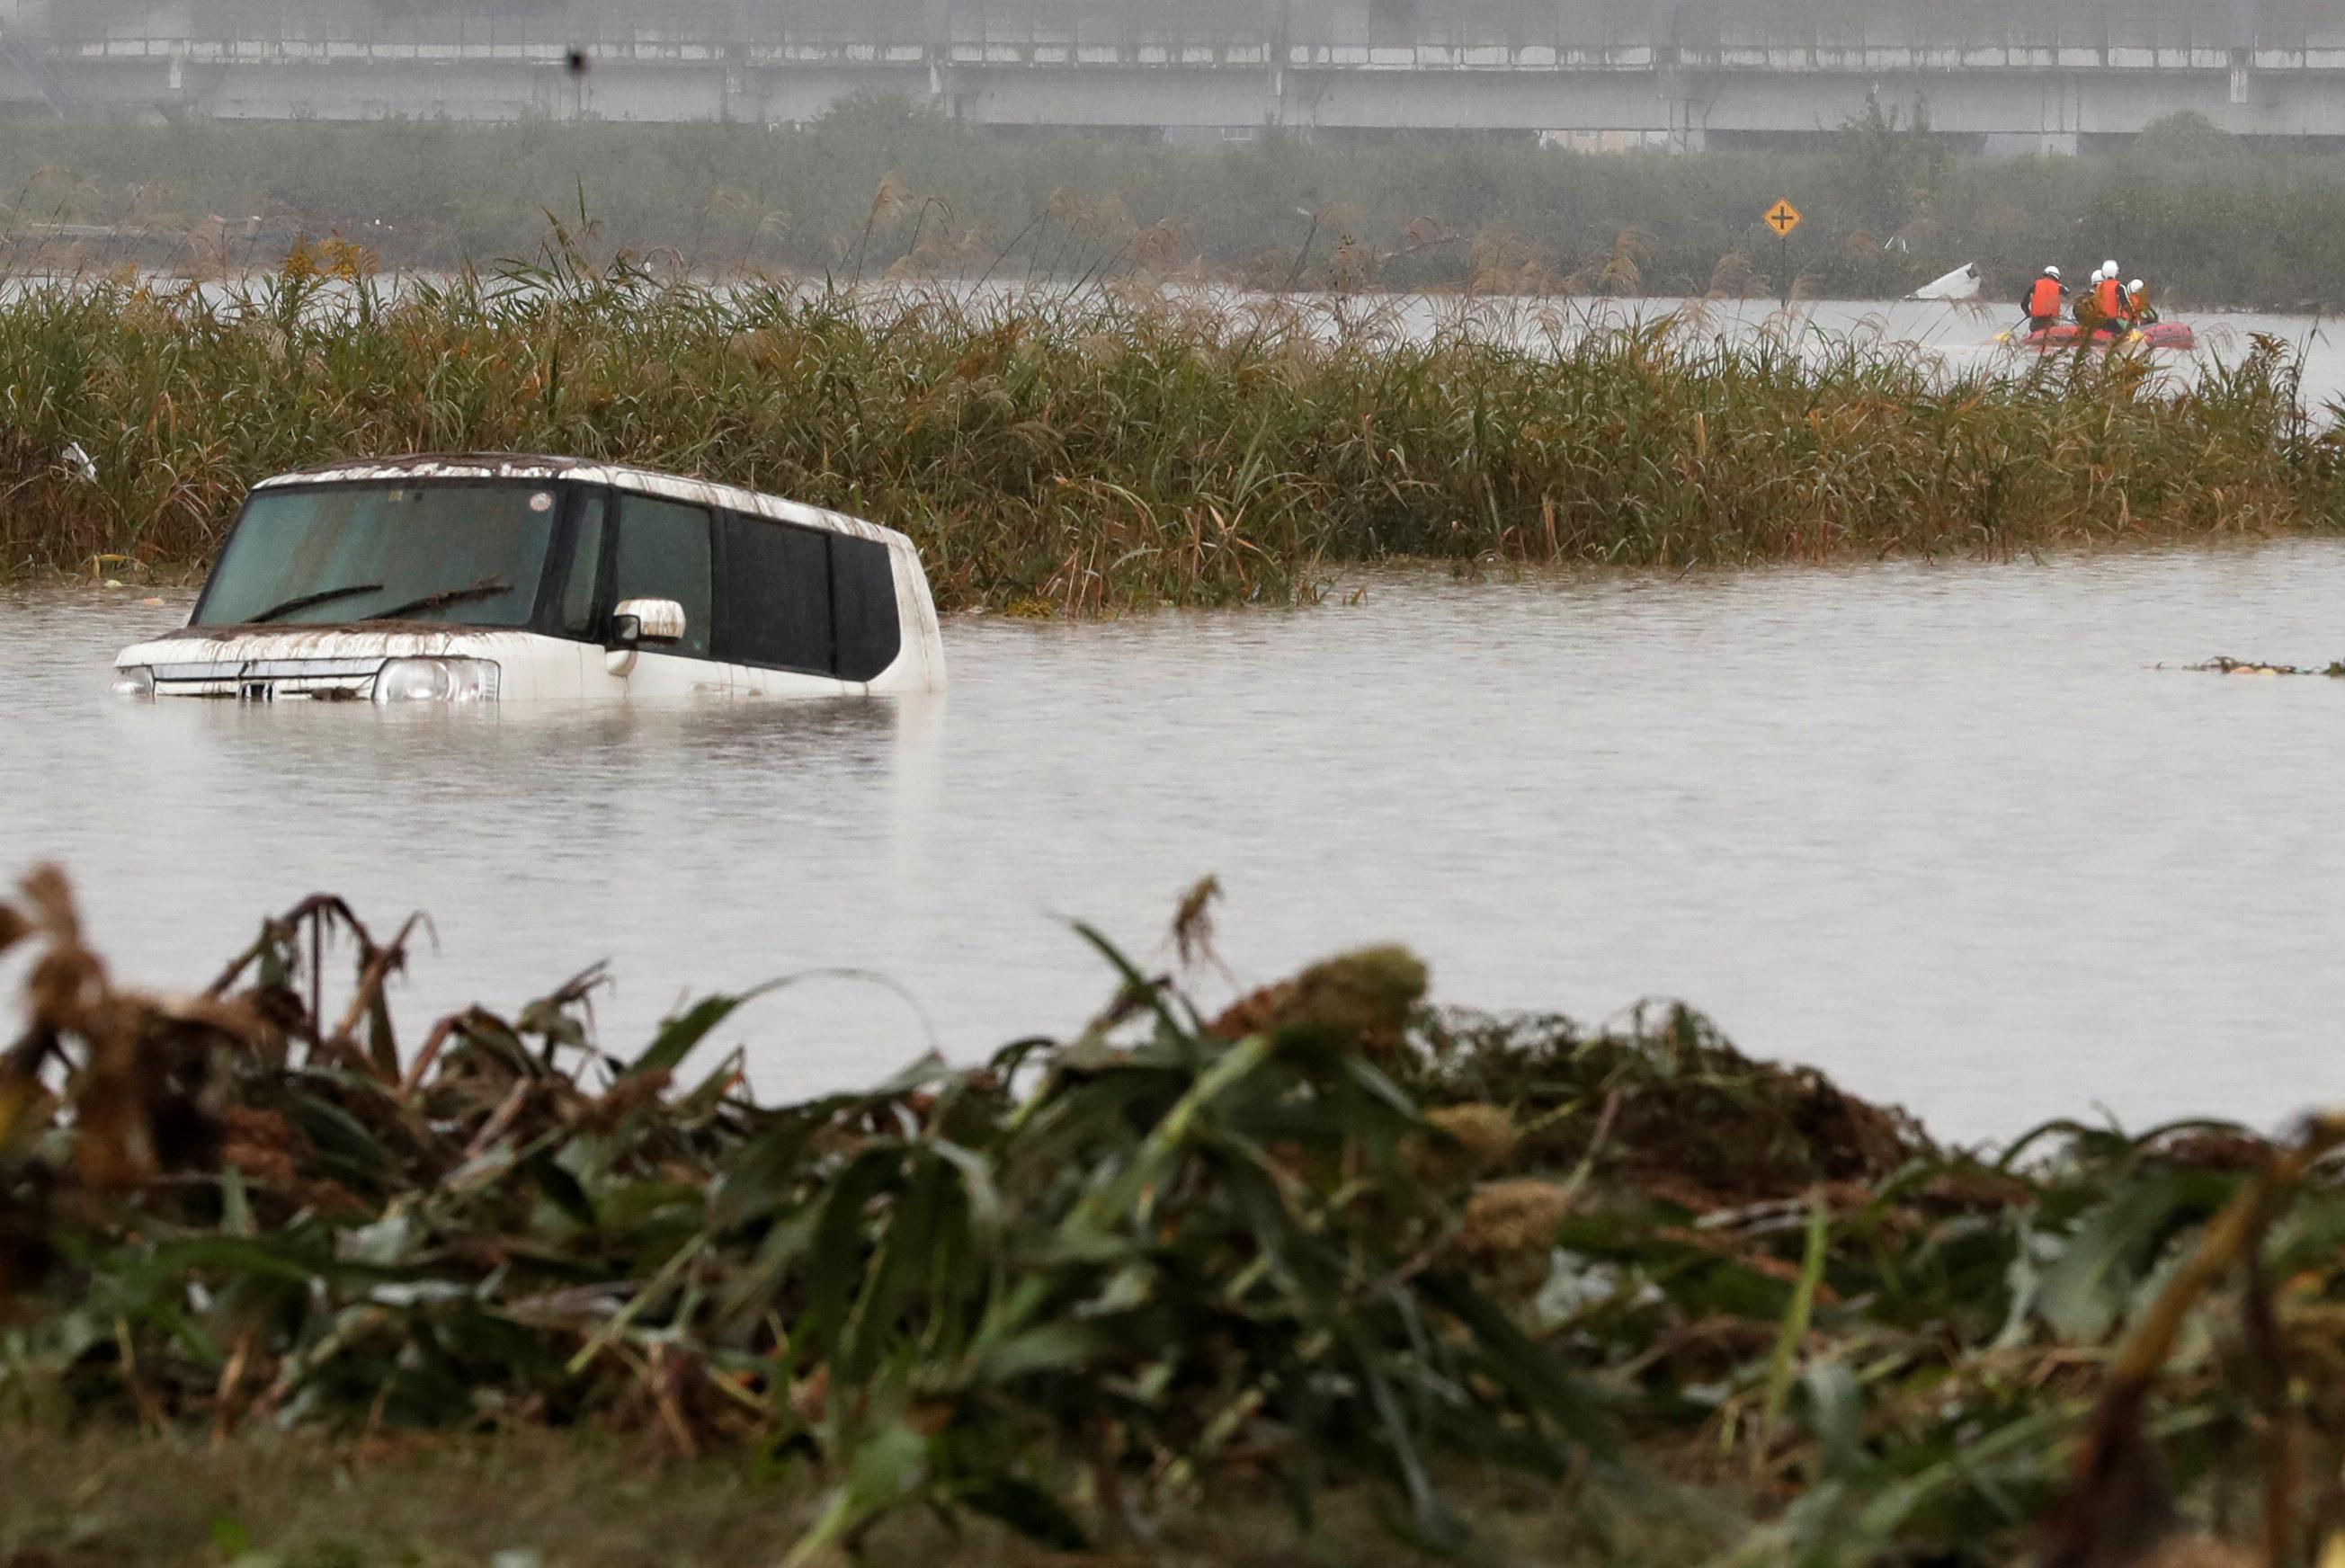 Le bilan de l'un des plus puissants typhons à avoir jamais frappé le Japon s'est alourdit mardi à 66 morts, alors que les équipes de sauveteurs poursuivaient dans la boue et les débris leurs recherches des personnes portées disparues. /Photo prise le 14 octobre 2019/REUTERS/Kim Kyung-Hoon